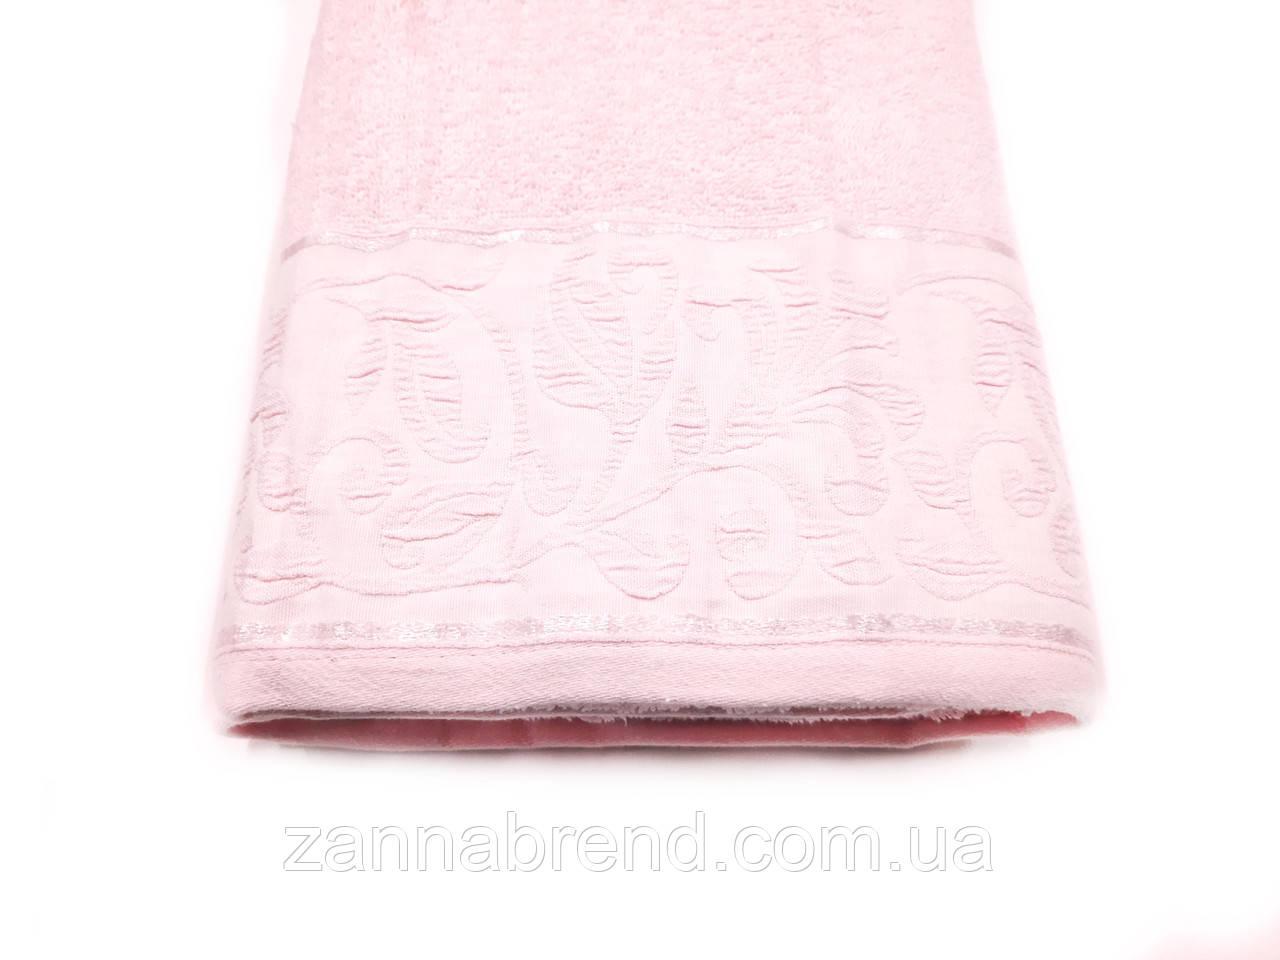 """Полотенце сауна махровое  100*150 см цвет бледно-розовый  """"Цветение"""""""